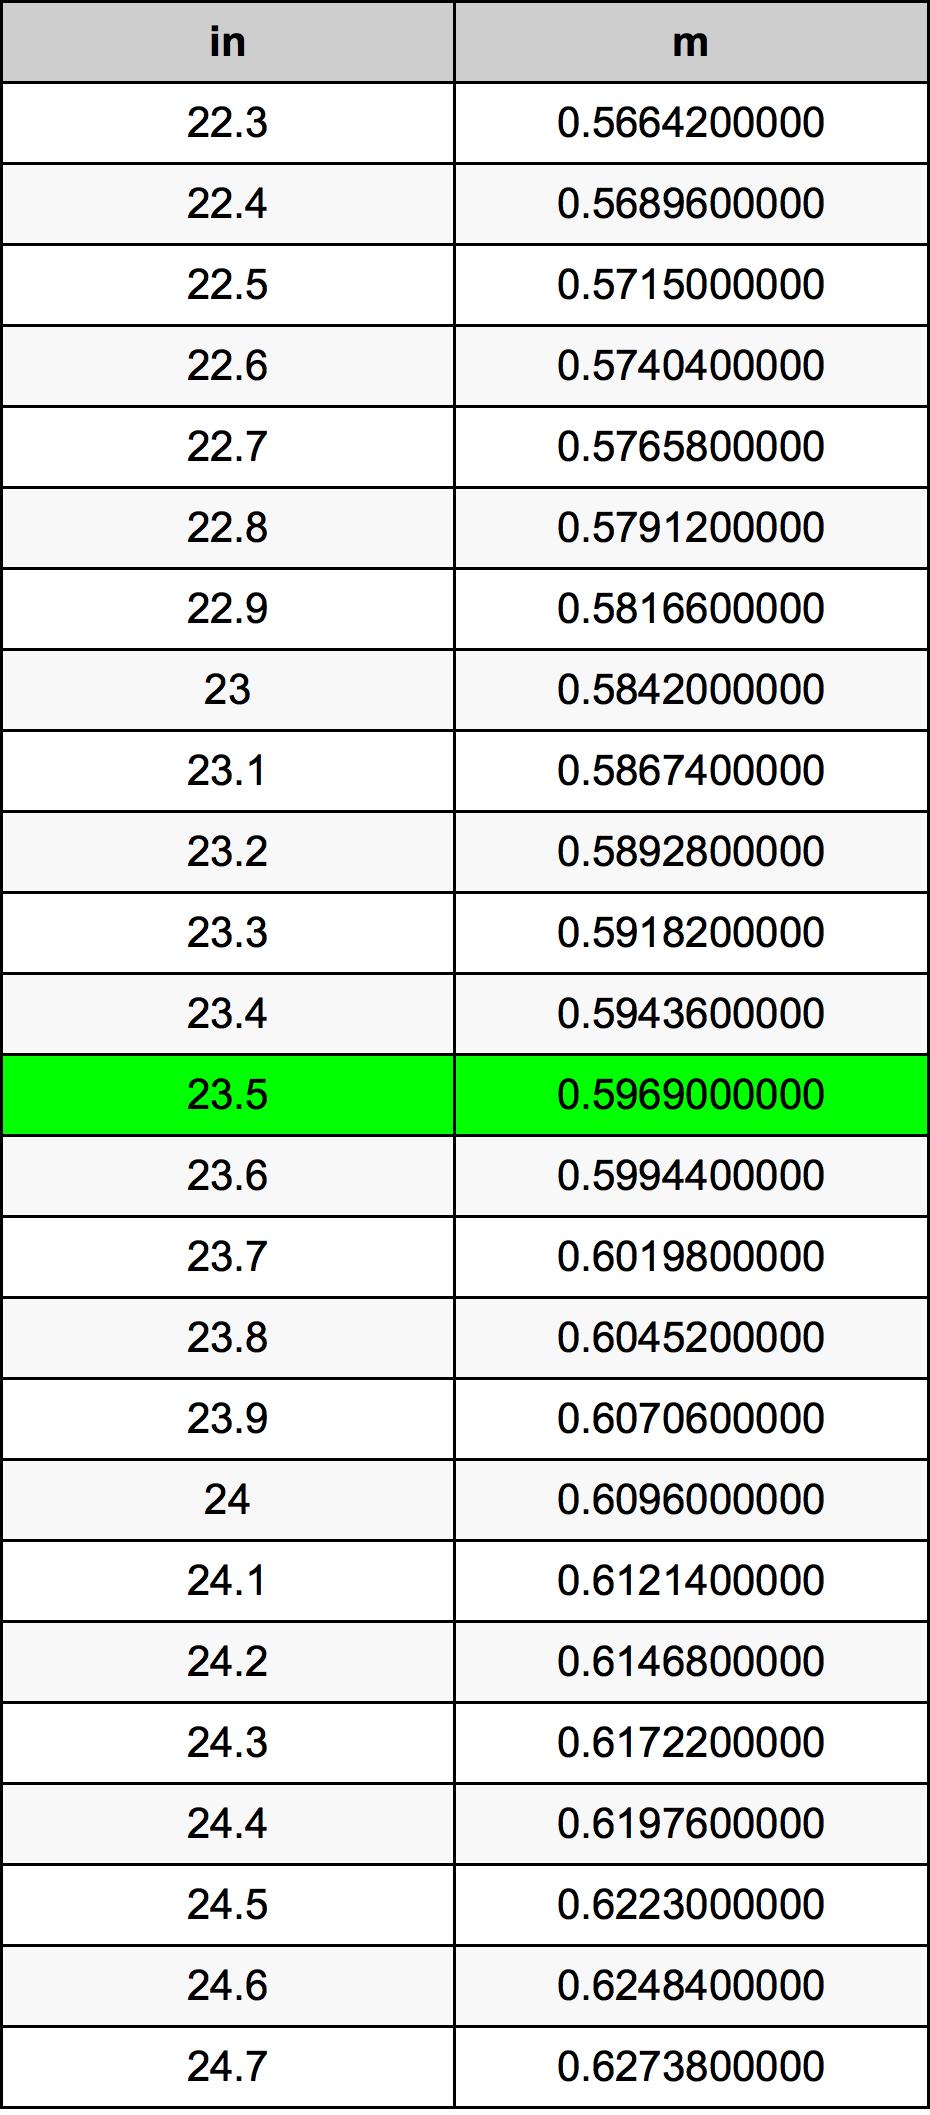 23.5 Inch conversietabel